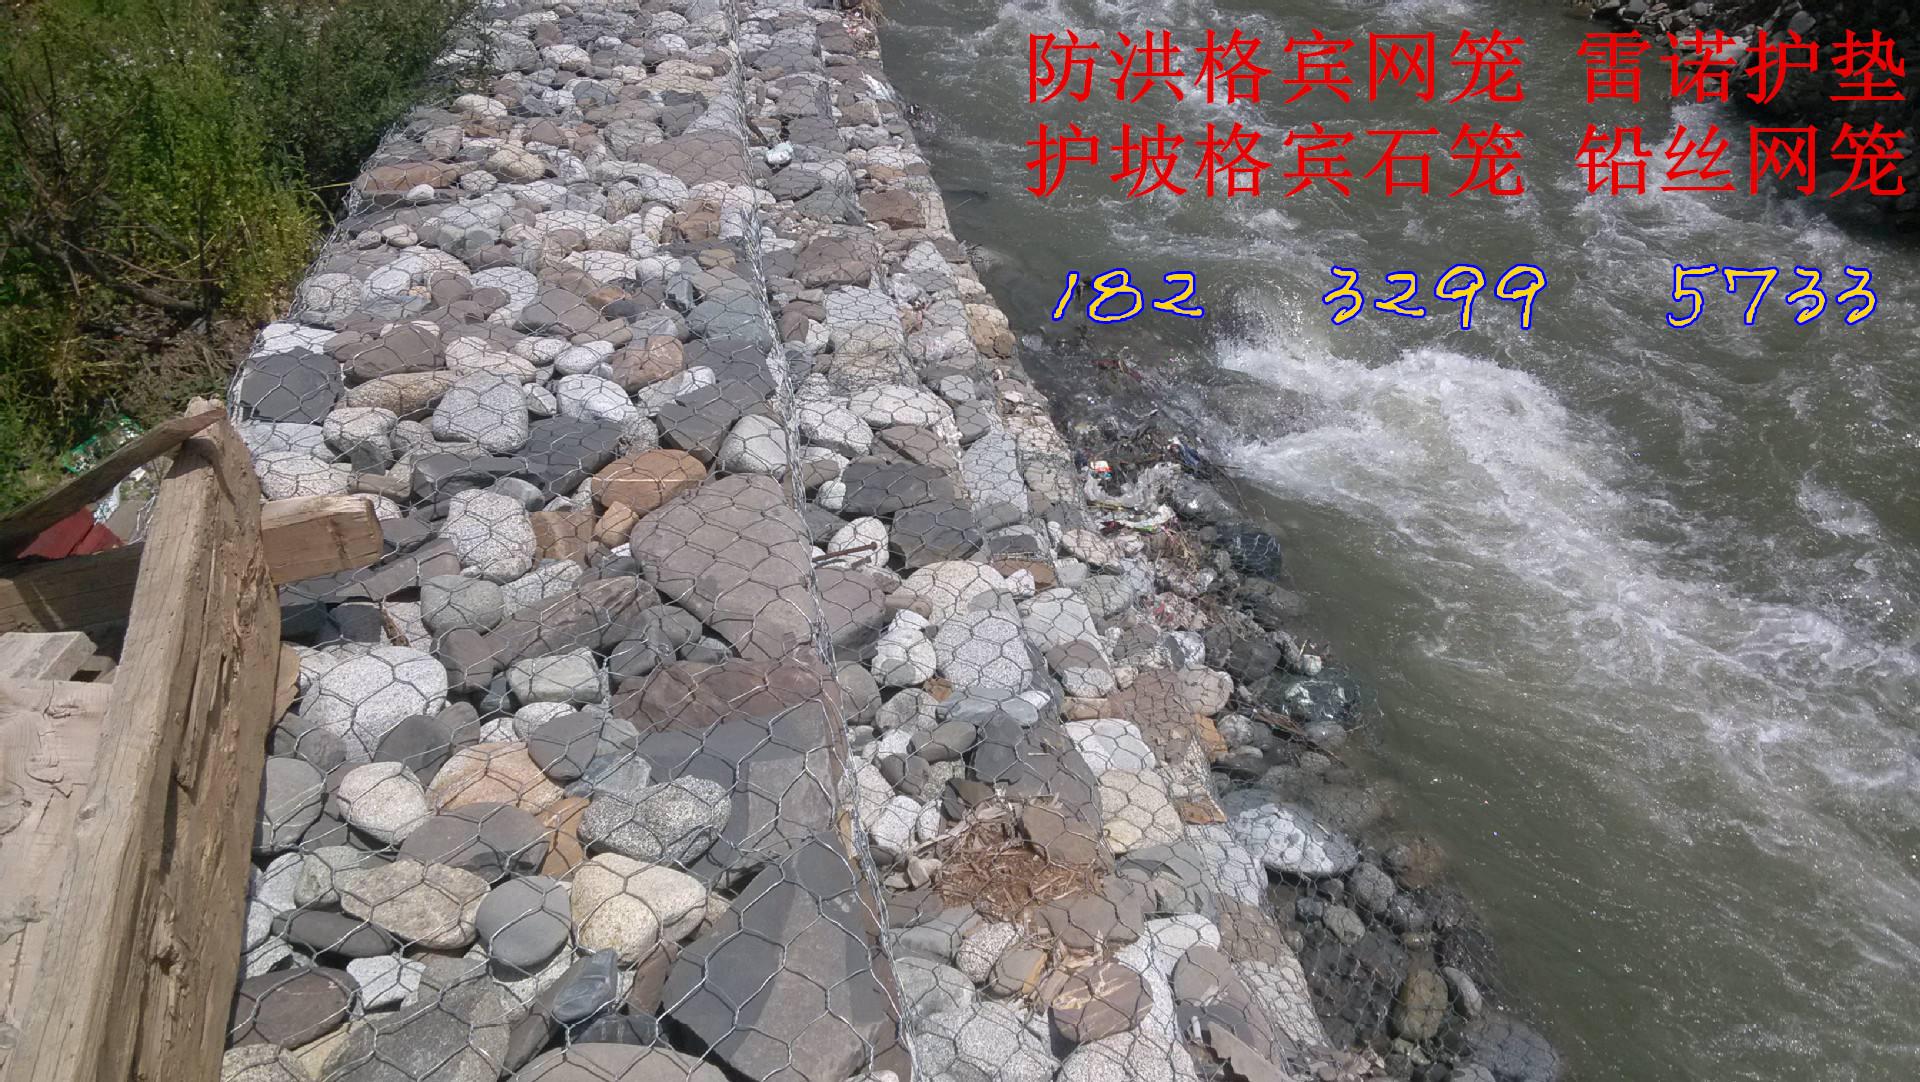 新型防洪格宾笼-建设新型河道-护坡新型治理格宾石笼网